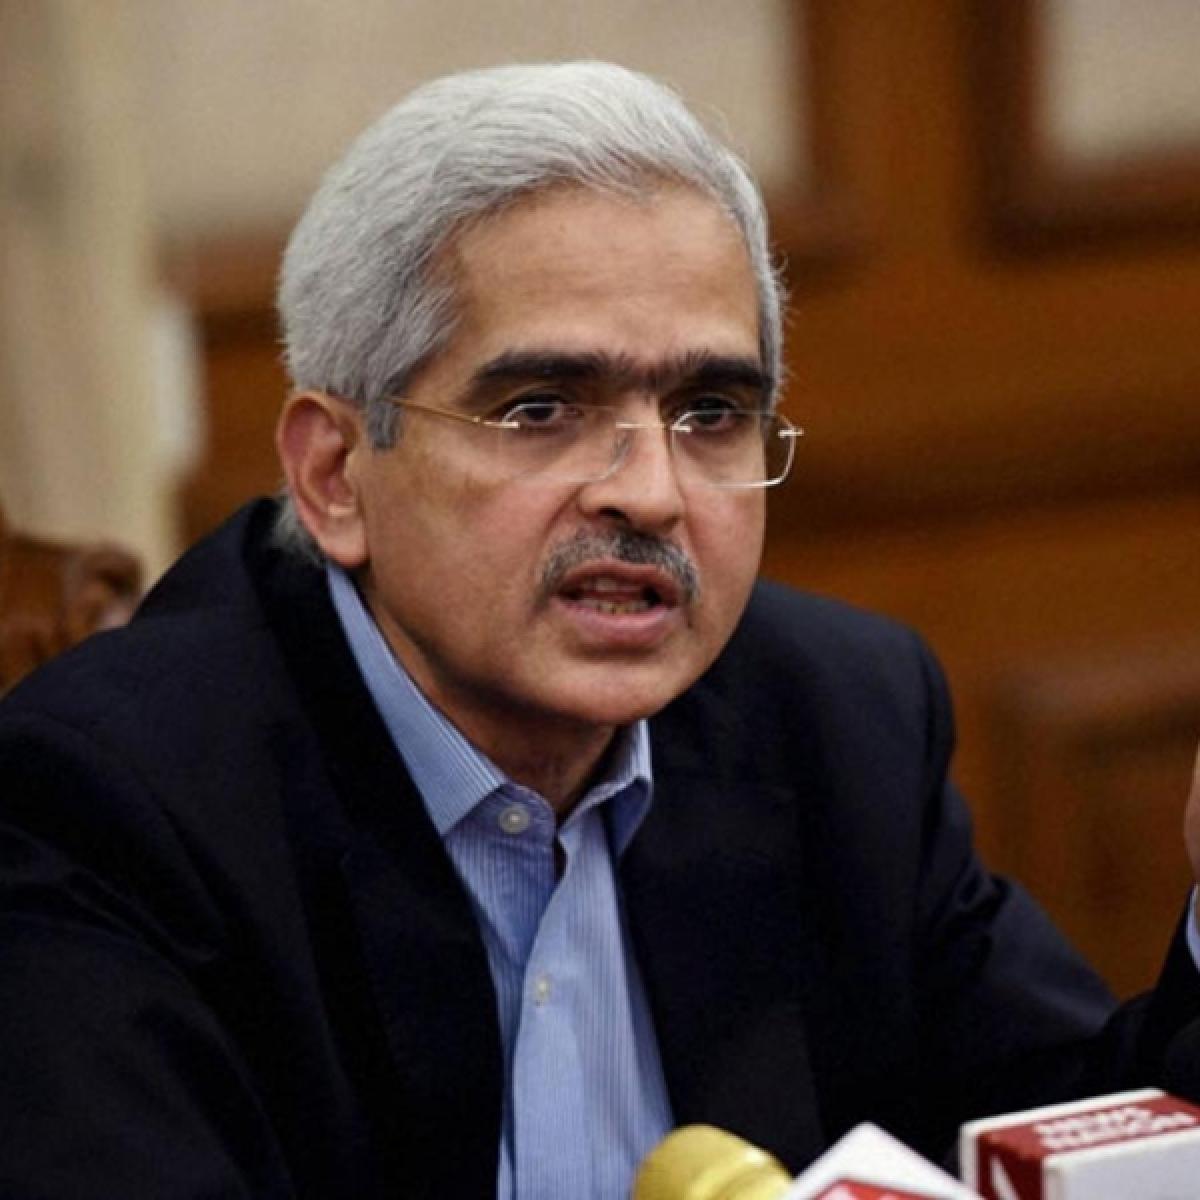 Banking system safe & sound: RBI Governor Shaktikanta Das on PMC